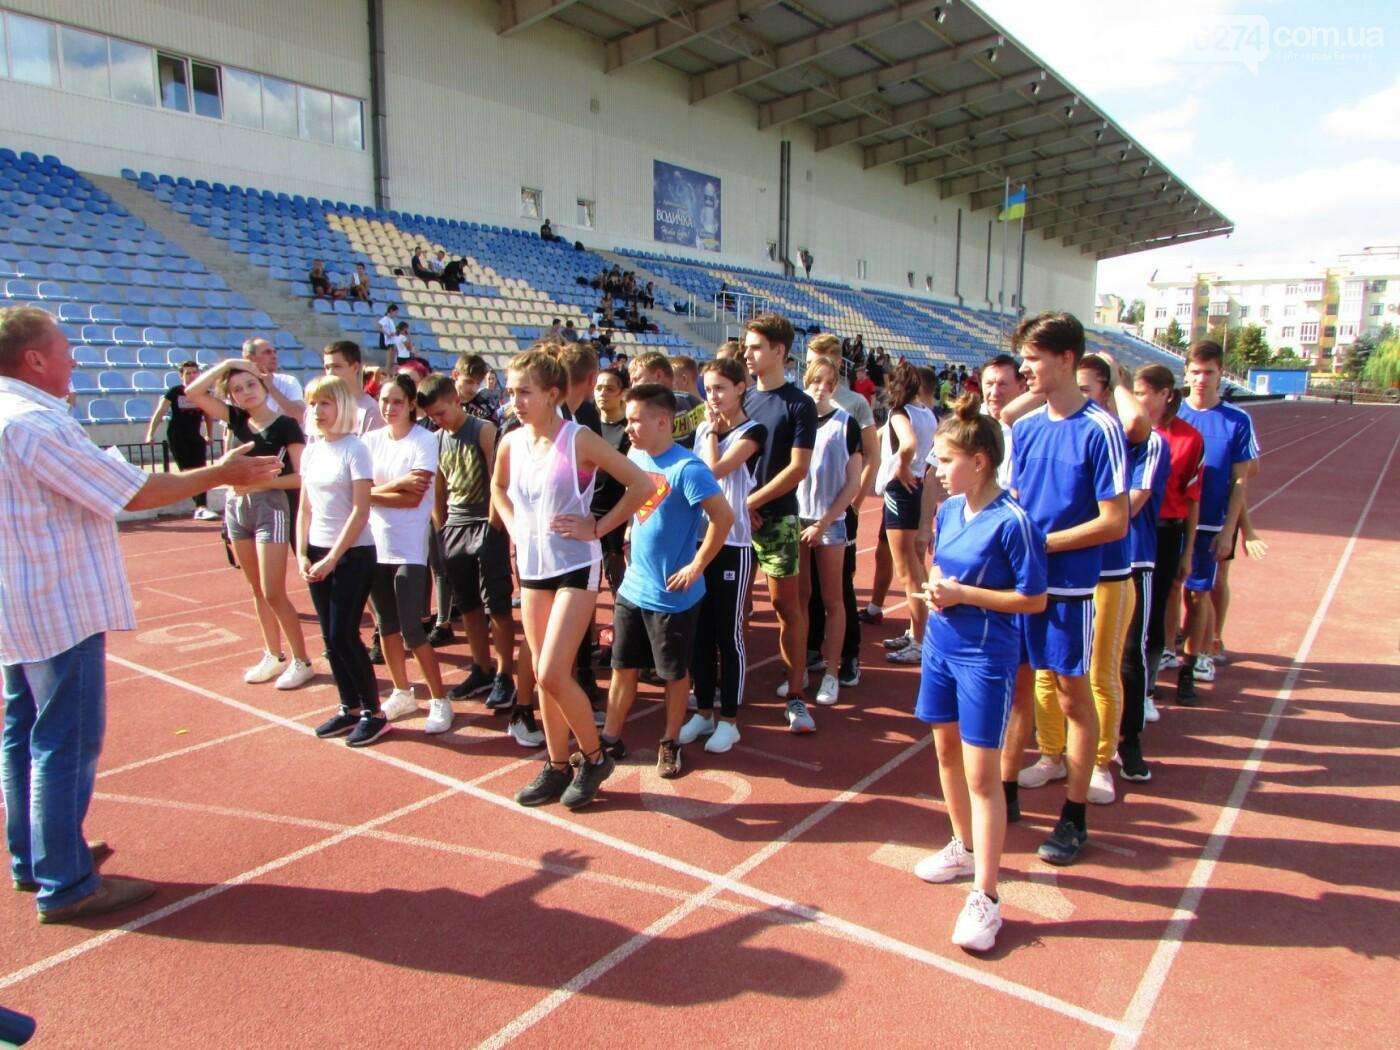 160 Бахмутских учащихся и студентов посвятили свои спортивные достижения Дню физической культуры и спорта, фото-2